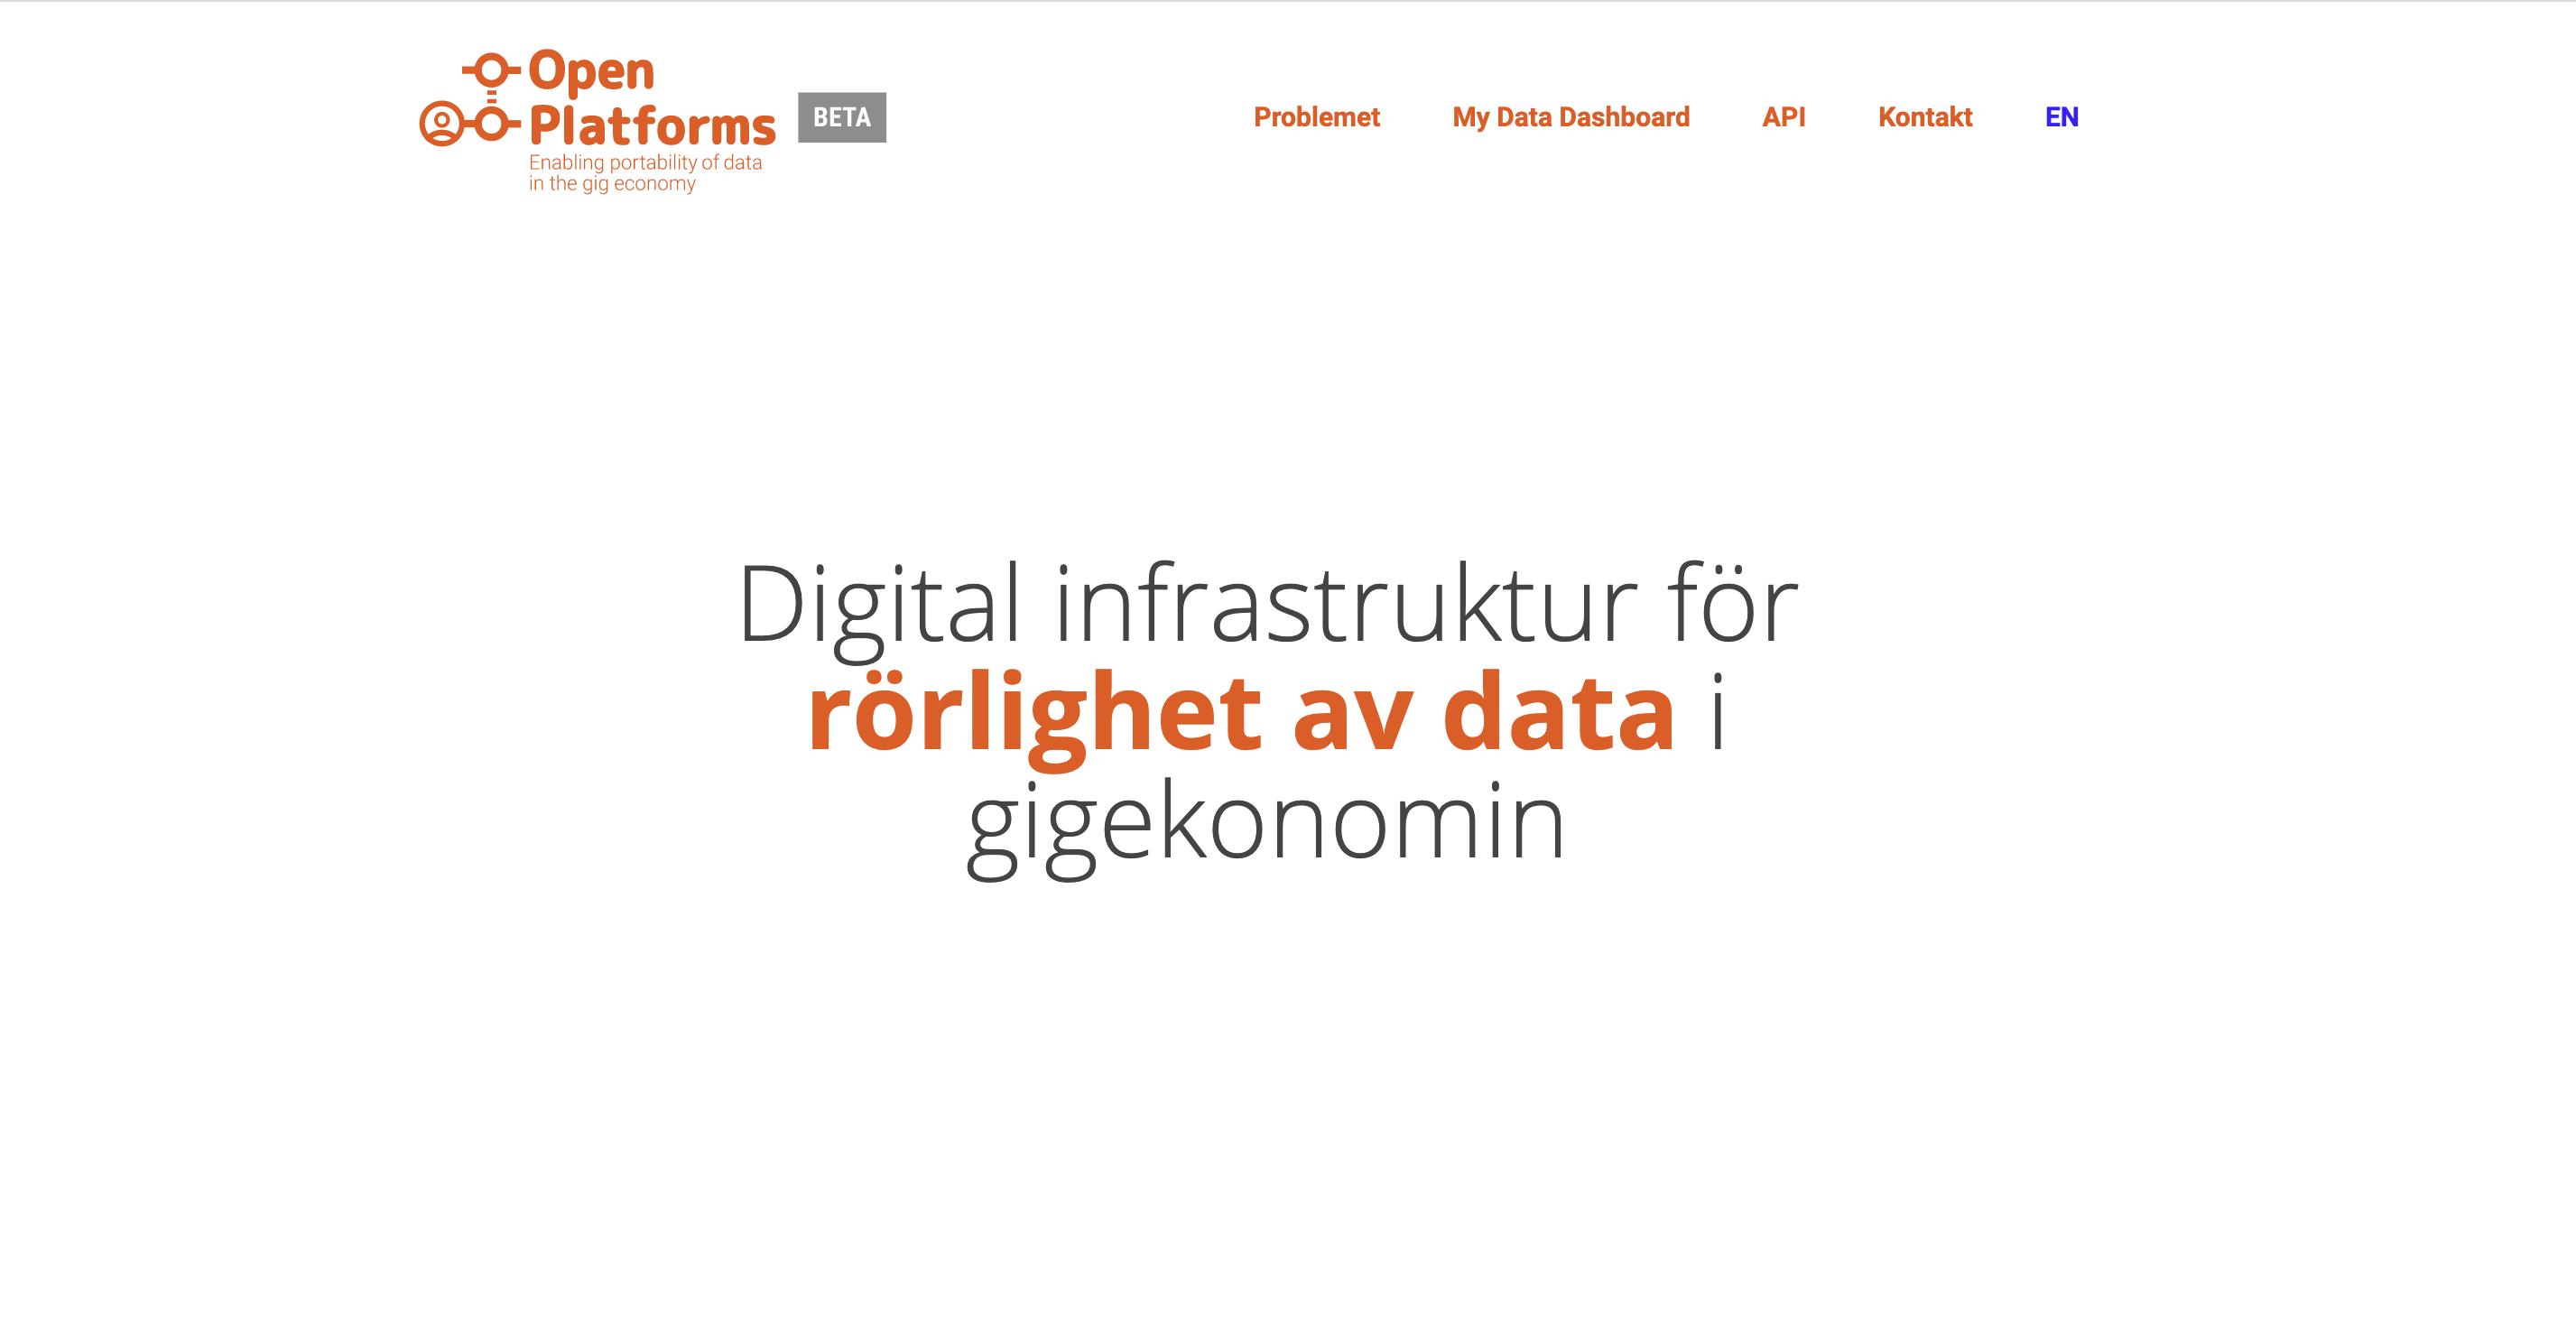 Skärmbild på openplatforms.org hemsida